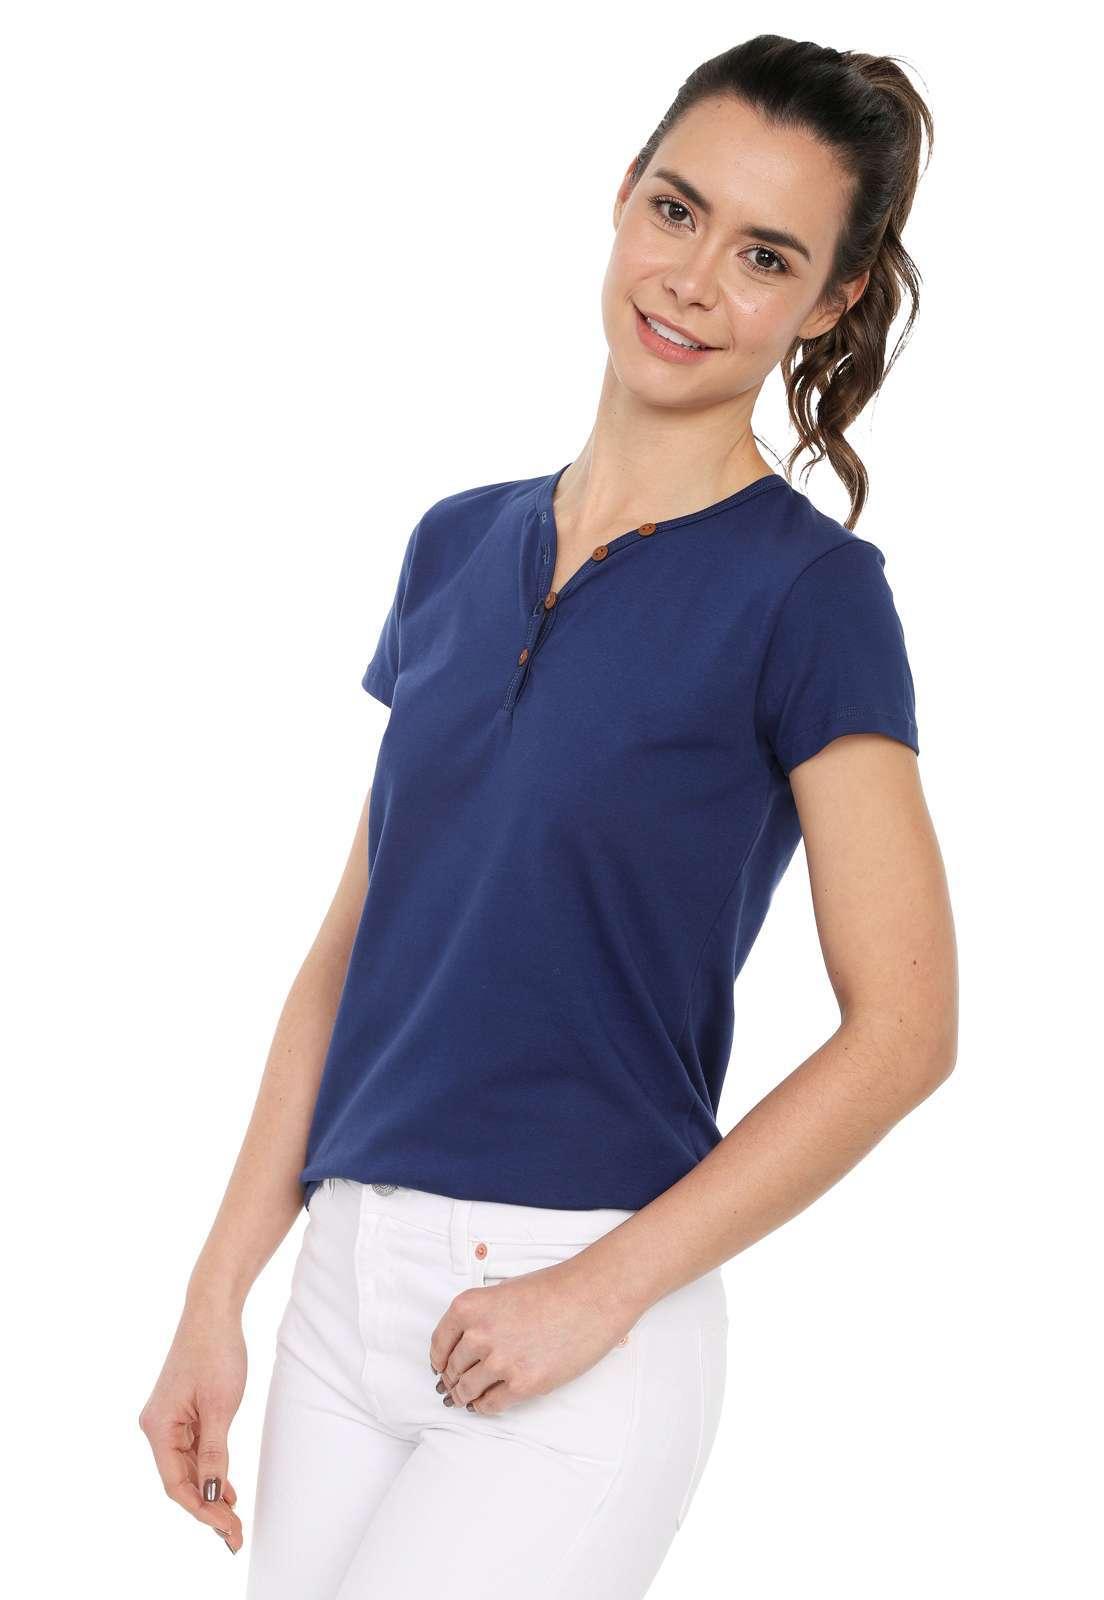 Camiseta Mujer Con Botones Licrada - Azul Oscuro | Polovers